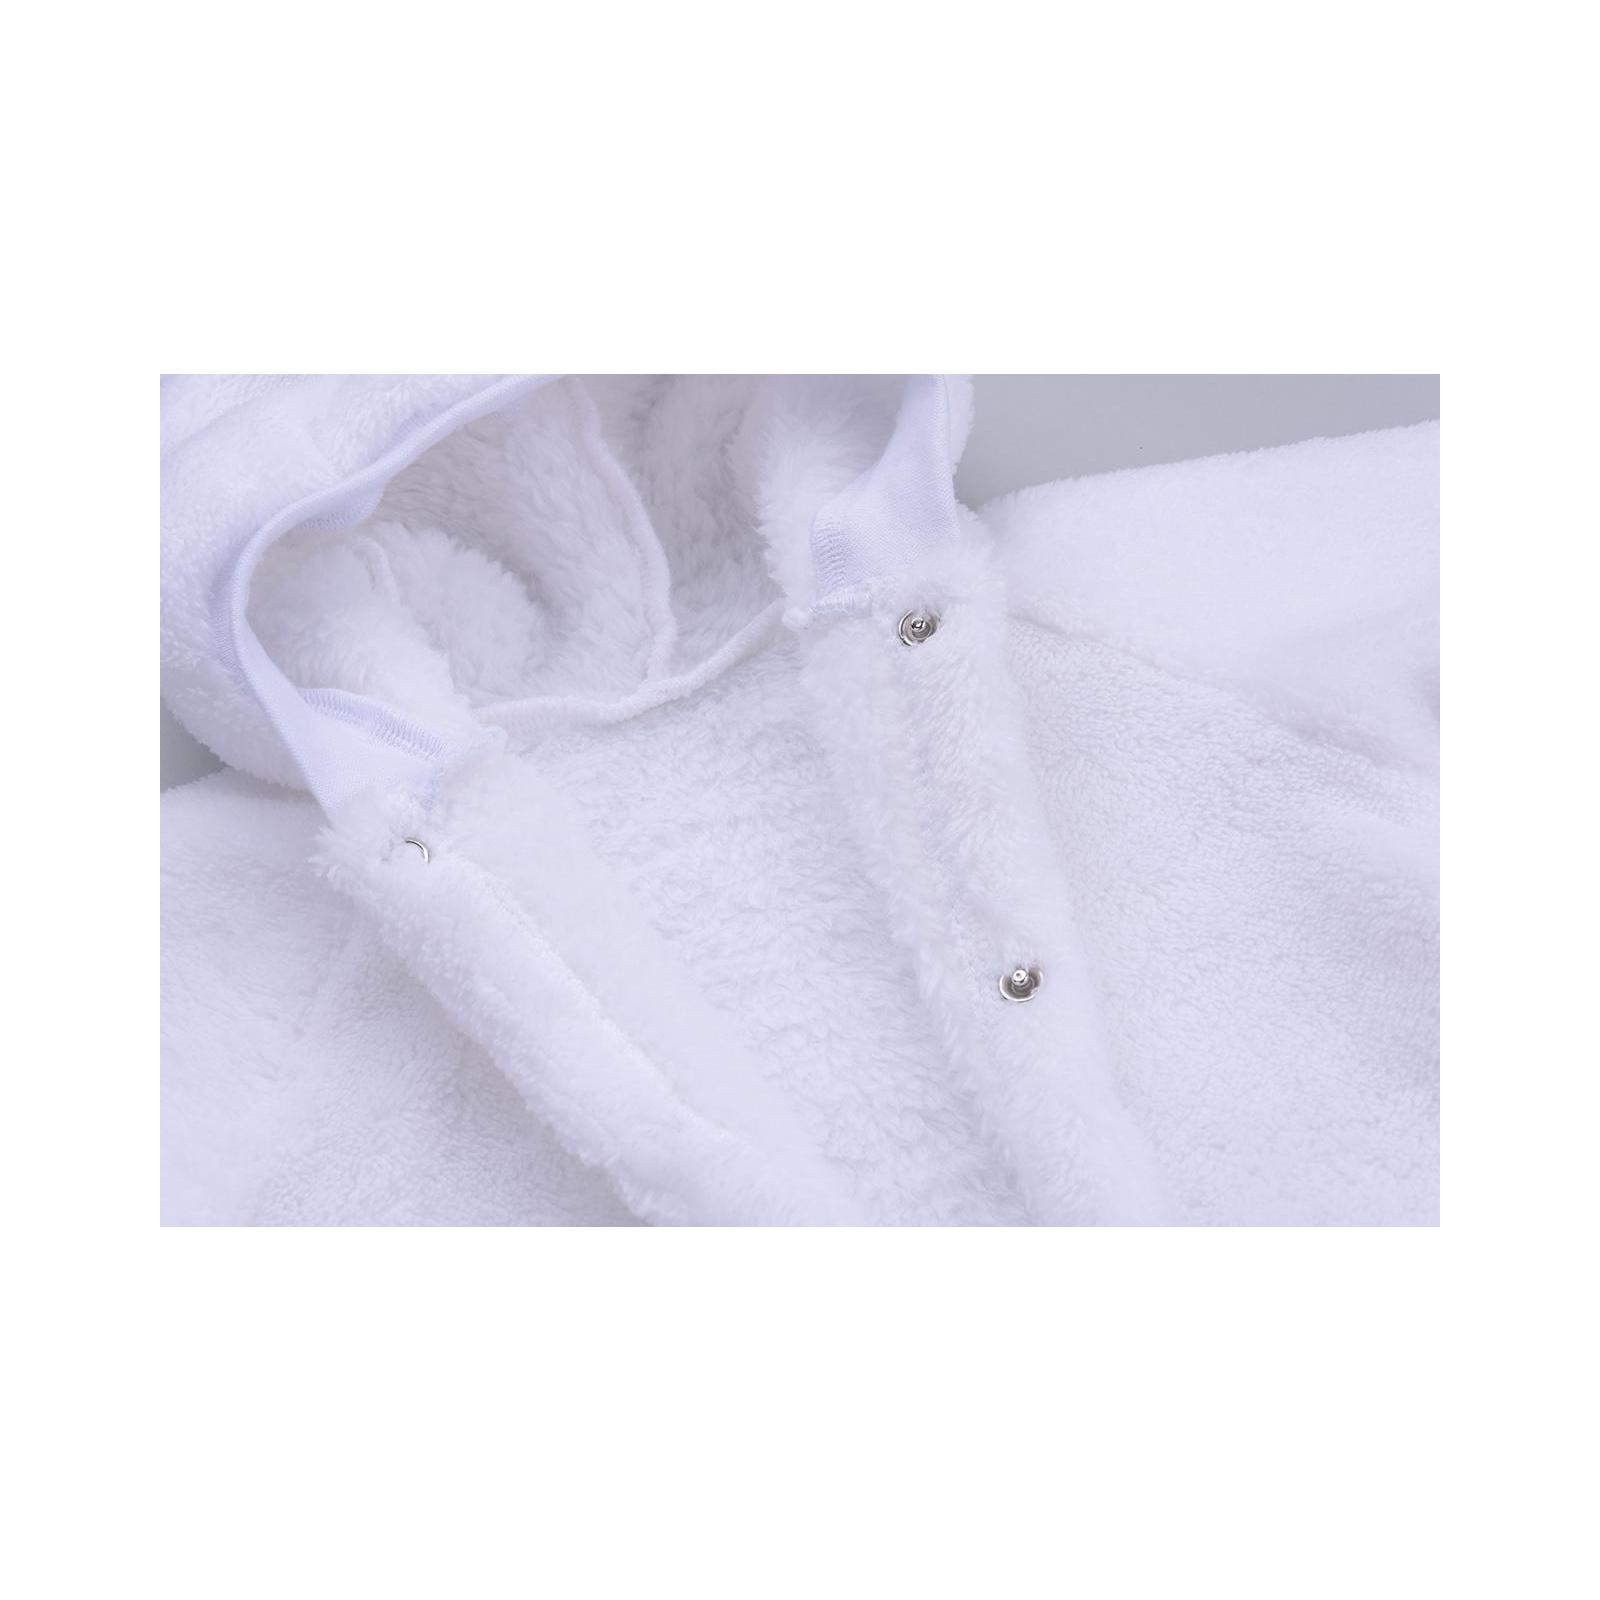 Человечек ТМ МиЯ флисовый (1111203-74-white) изображение 5